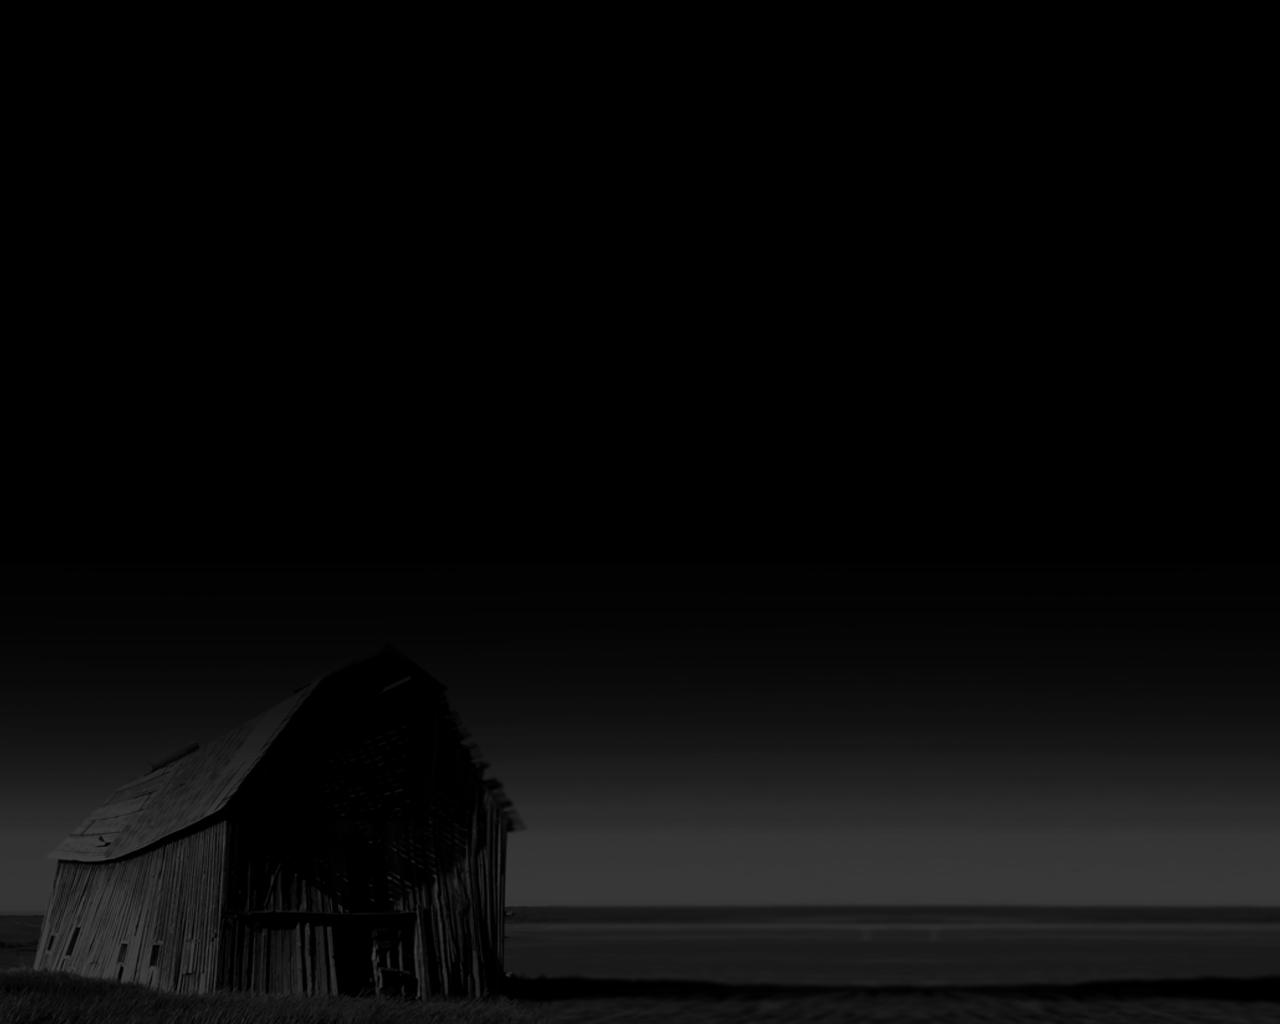 Background.Barn.dark